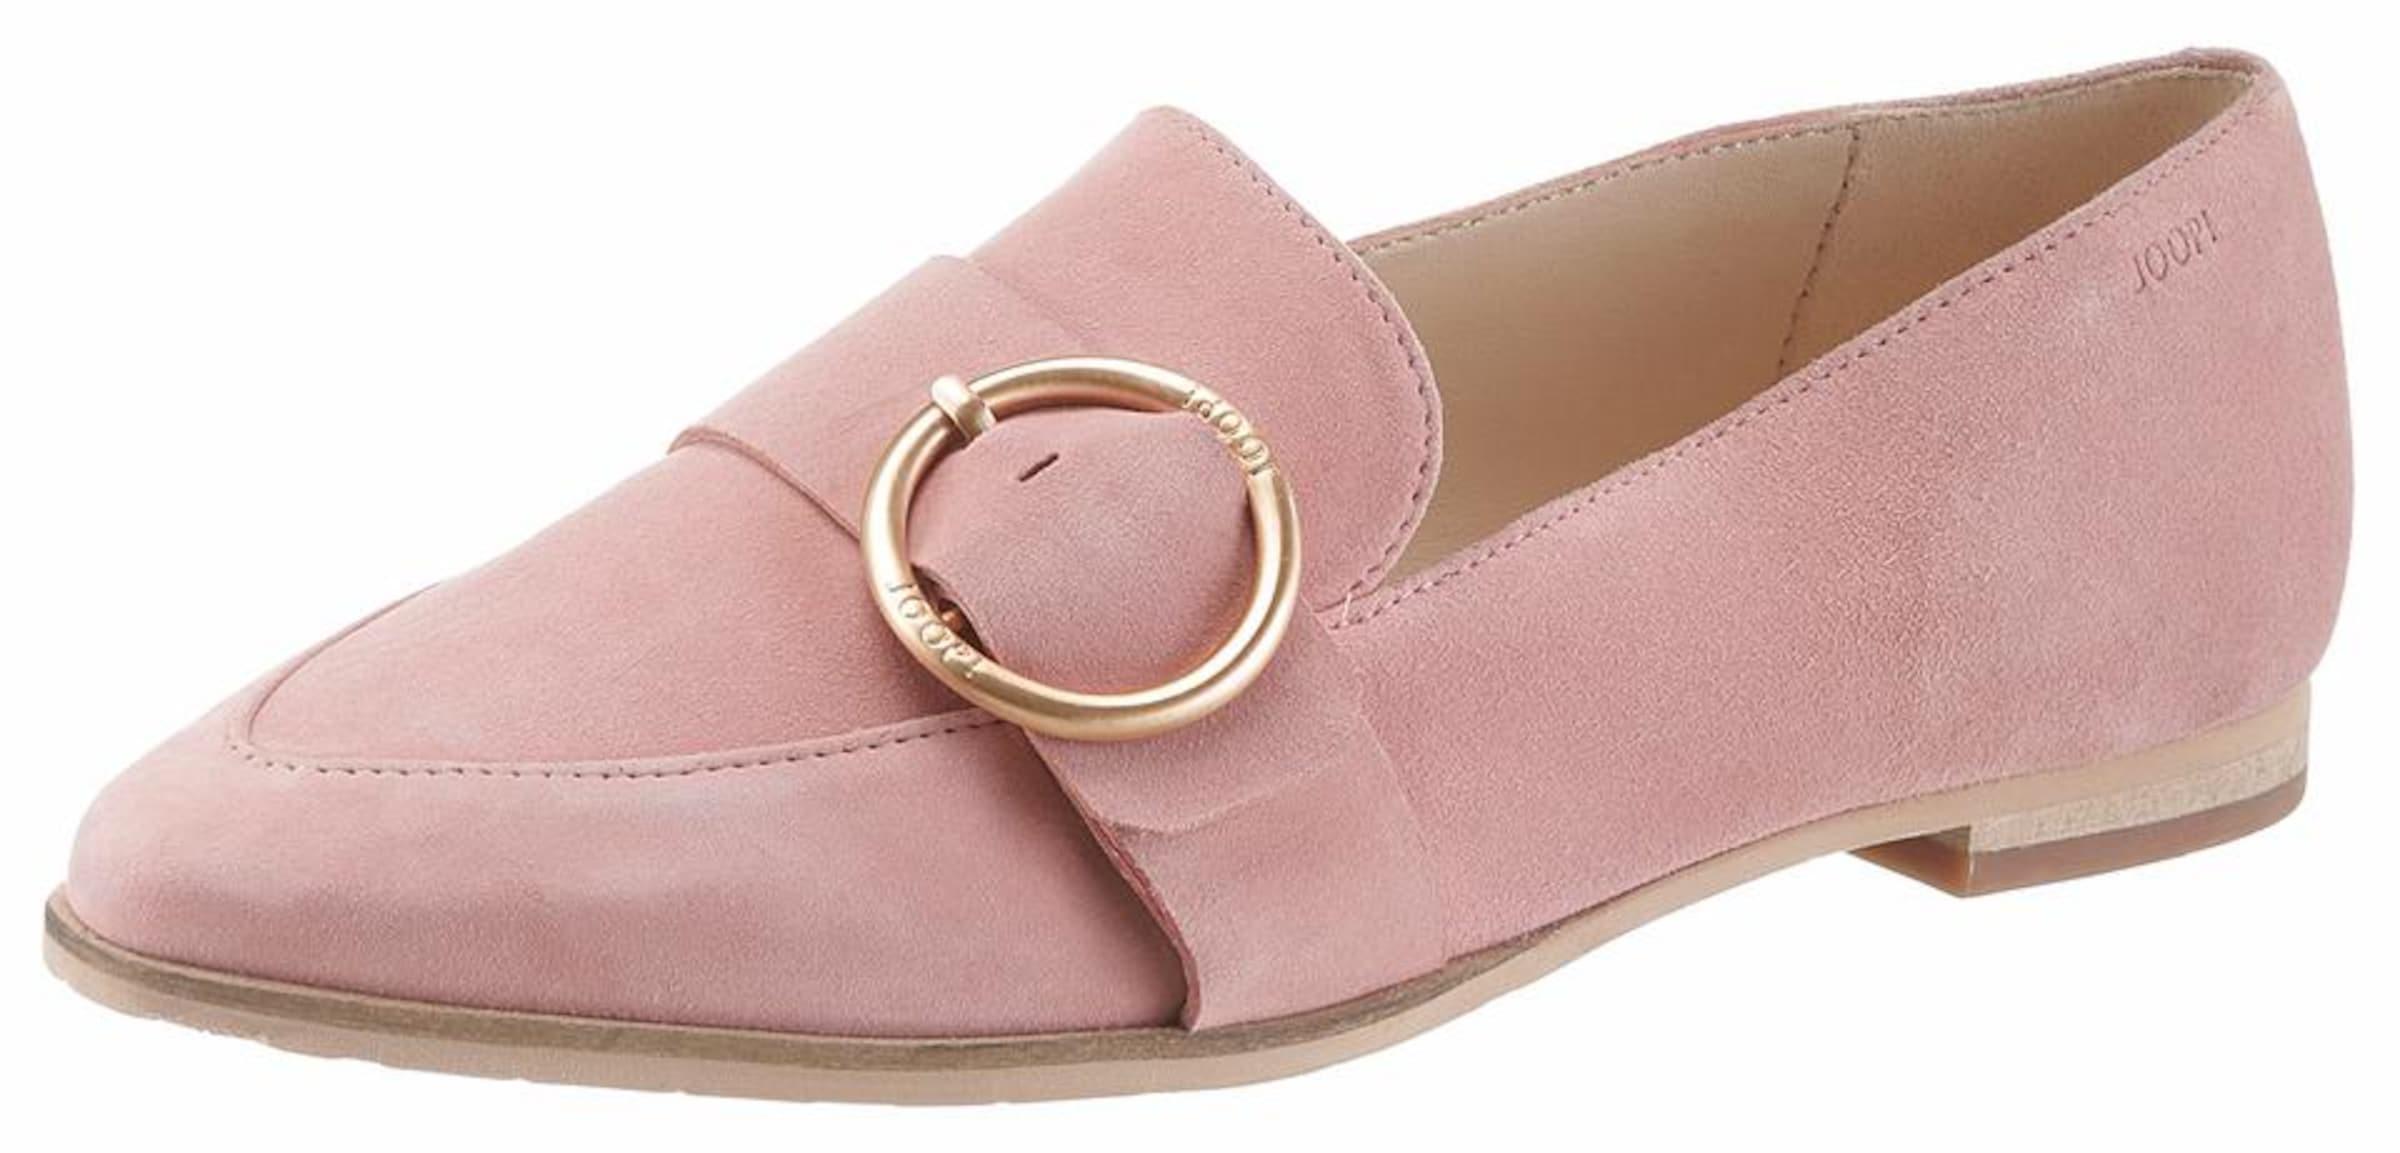 JOOP! Loafer ISMENE Verschleißfeste billige Schuhe